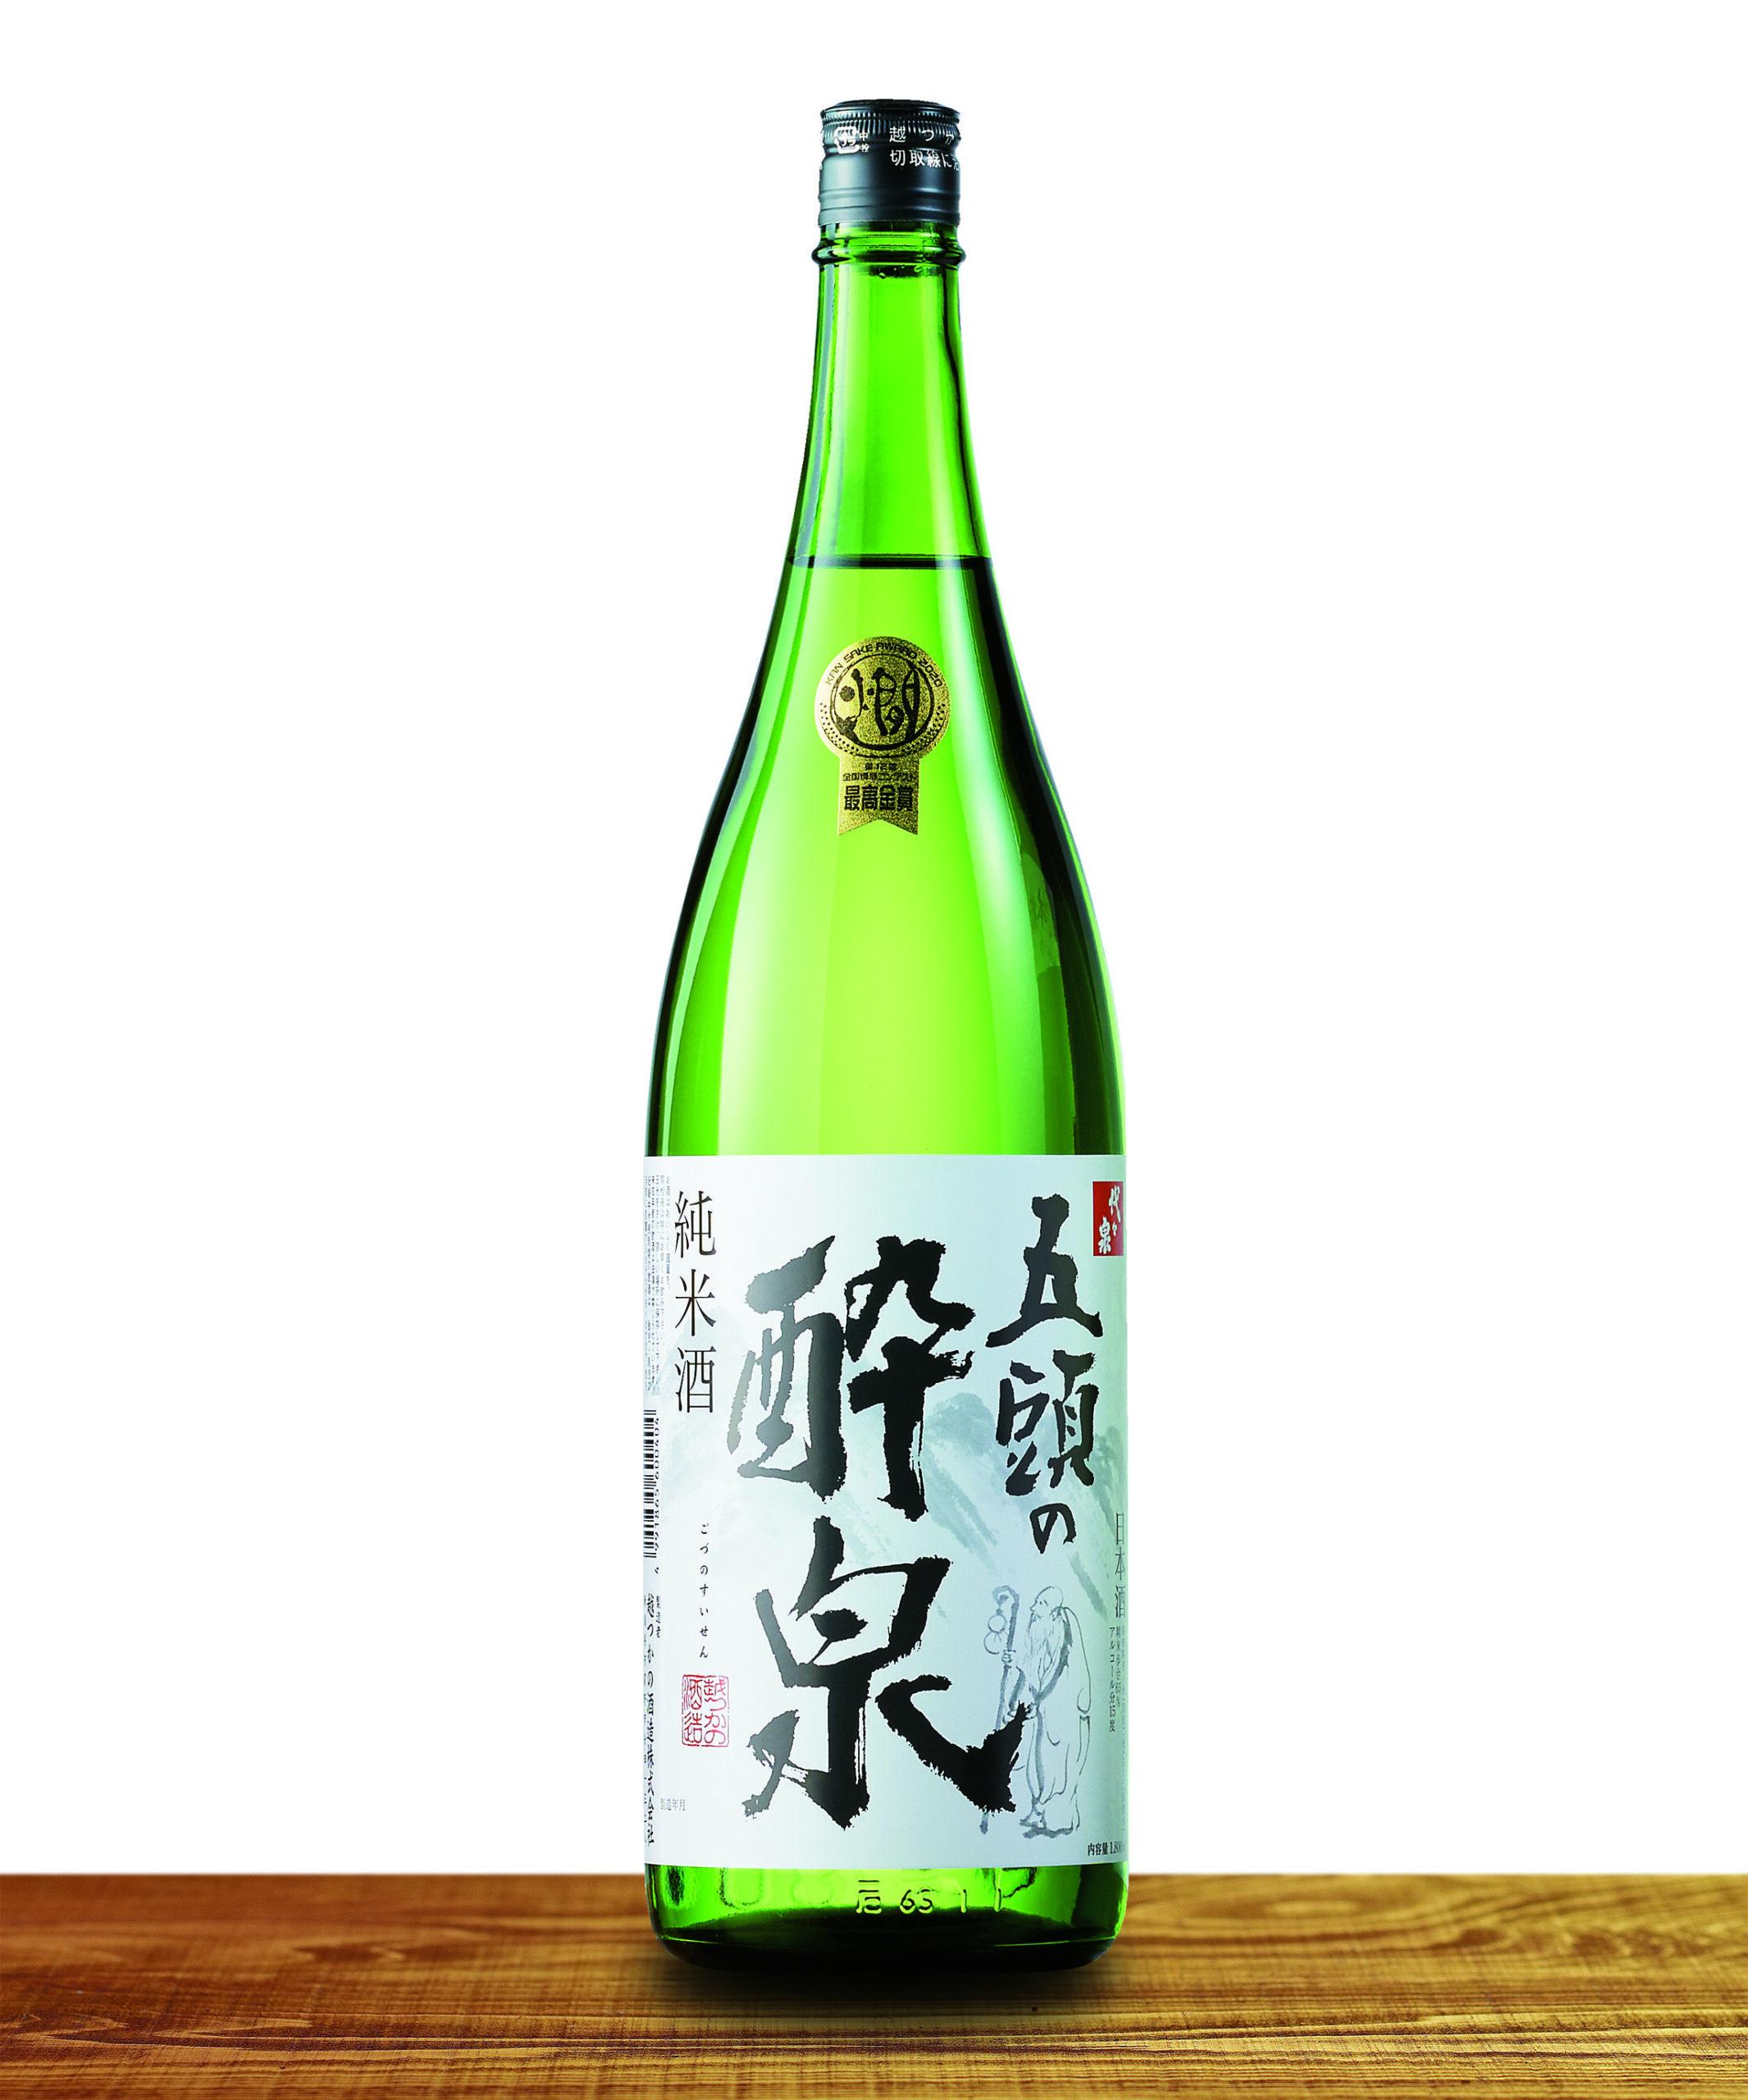 ベルーナグルメが展開するお酒の通販 「旨い酒が飲みたい」通販国内売上高5年連続No.1を達成